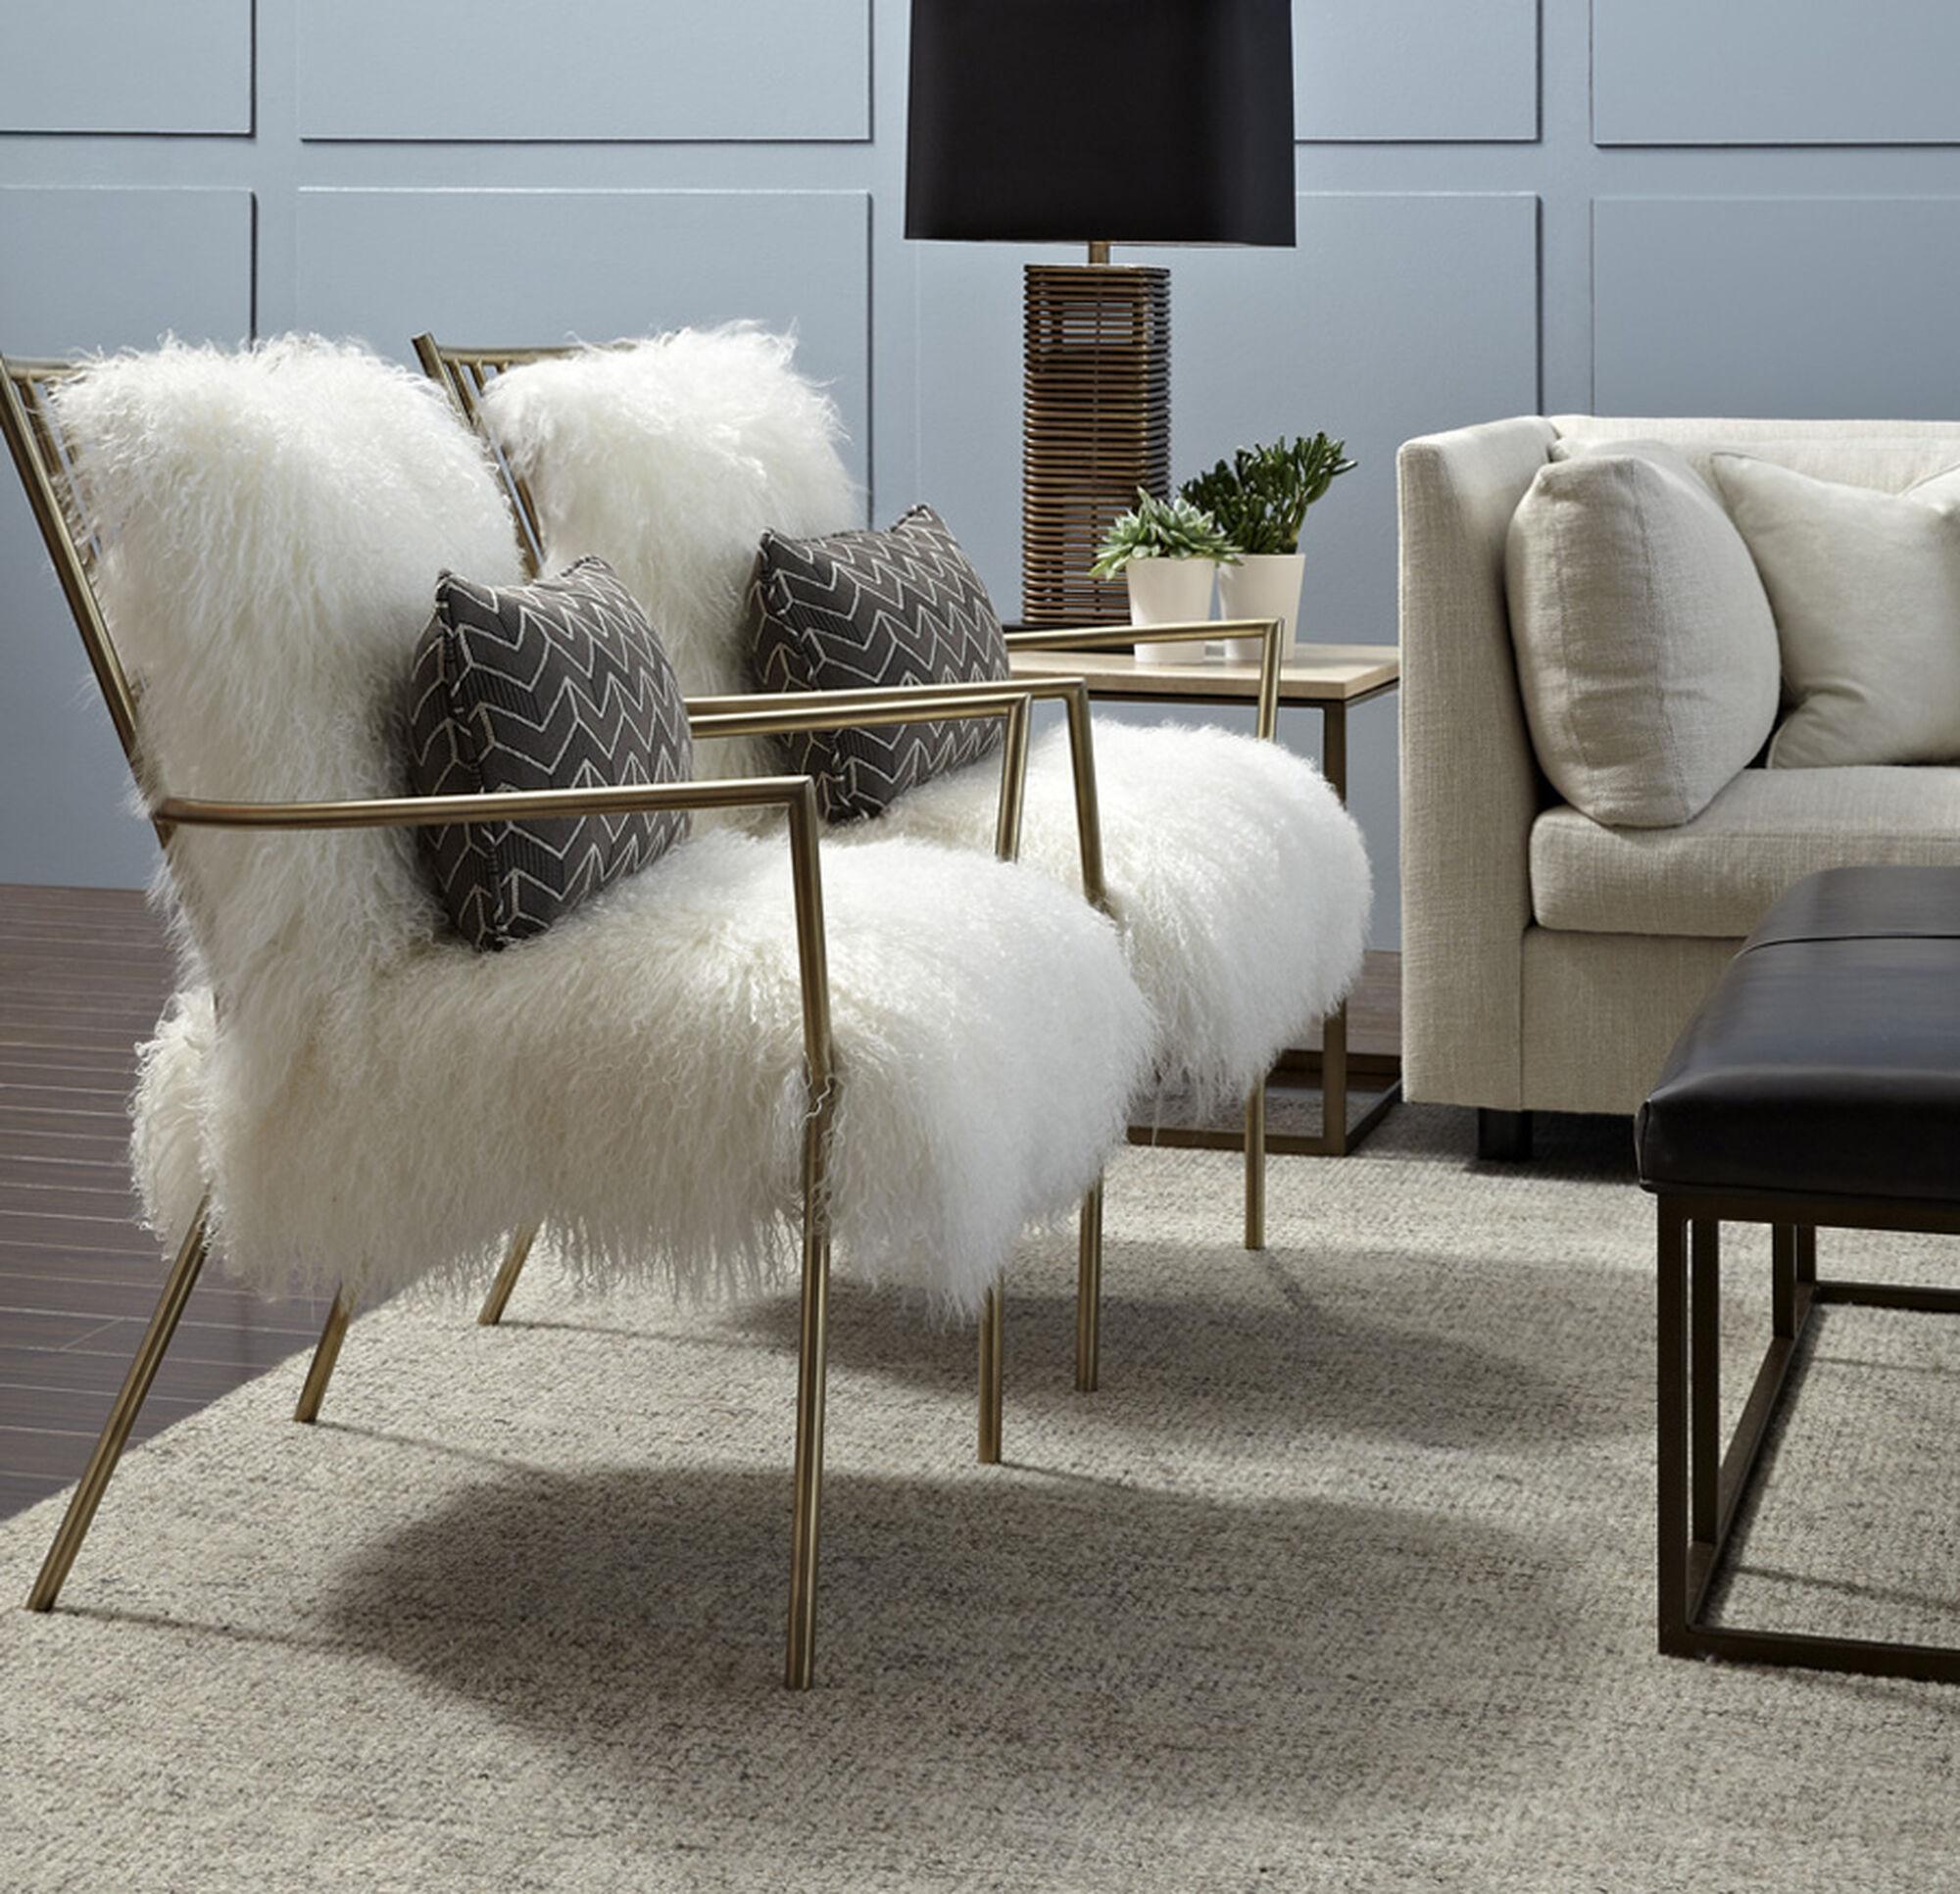 Throw Cushions For Decor Home Ansel White Tibetan Fur Chair